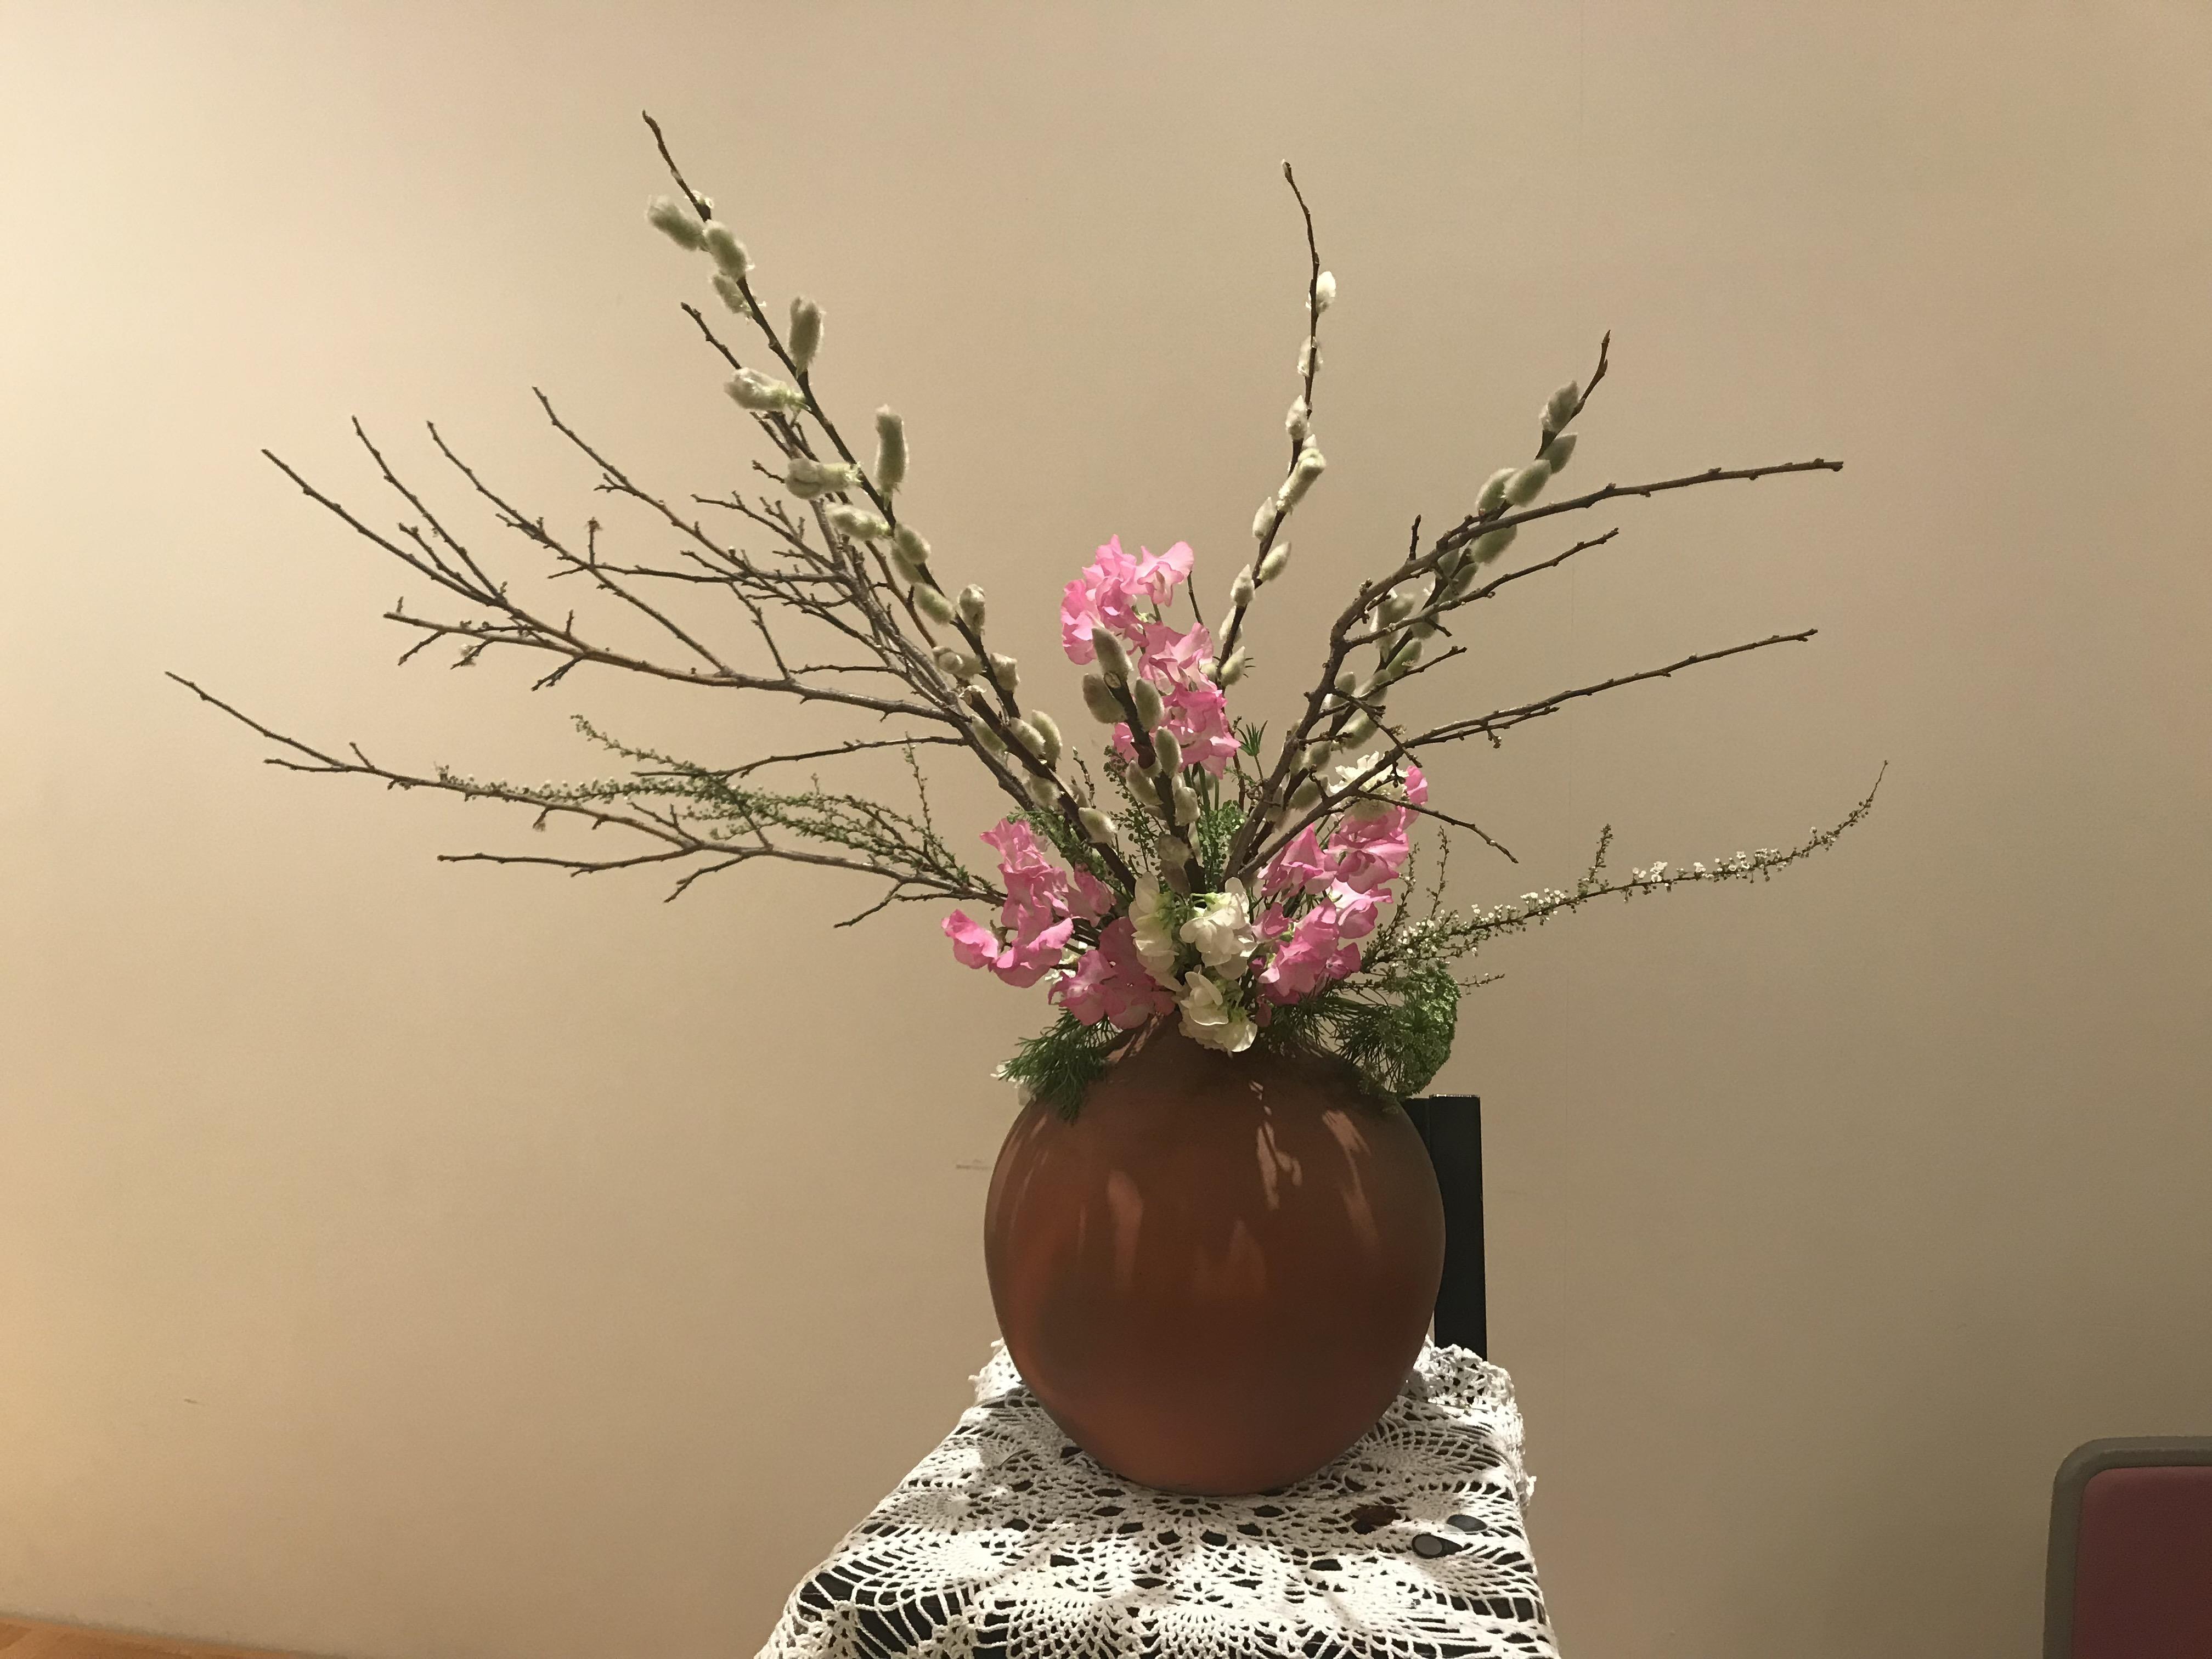 2018/2/4、聖日礼拝のお花